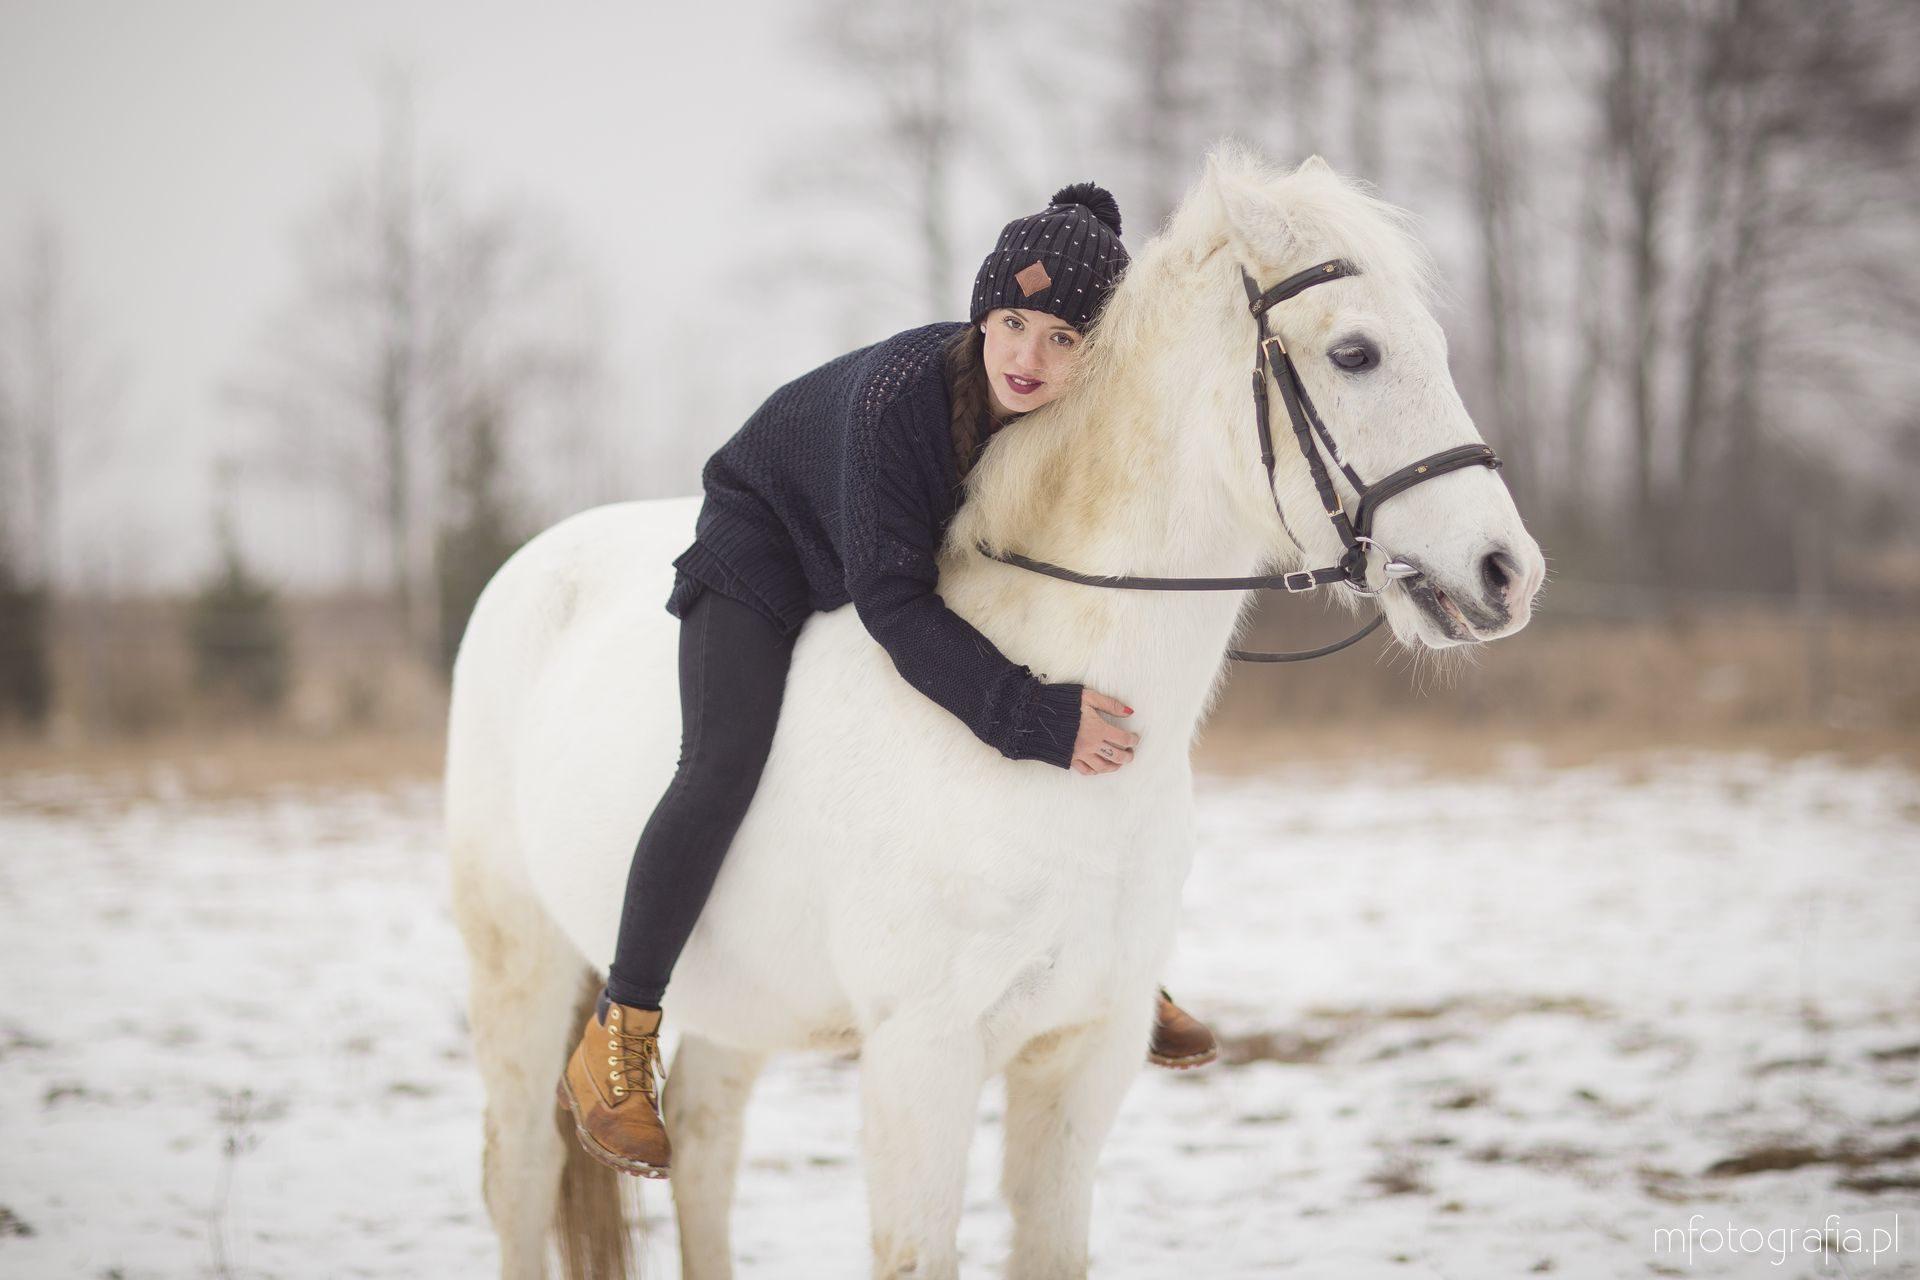 zimowa sesja zakochanych z końmi w siodle